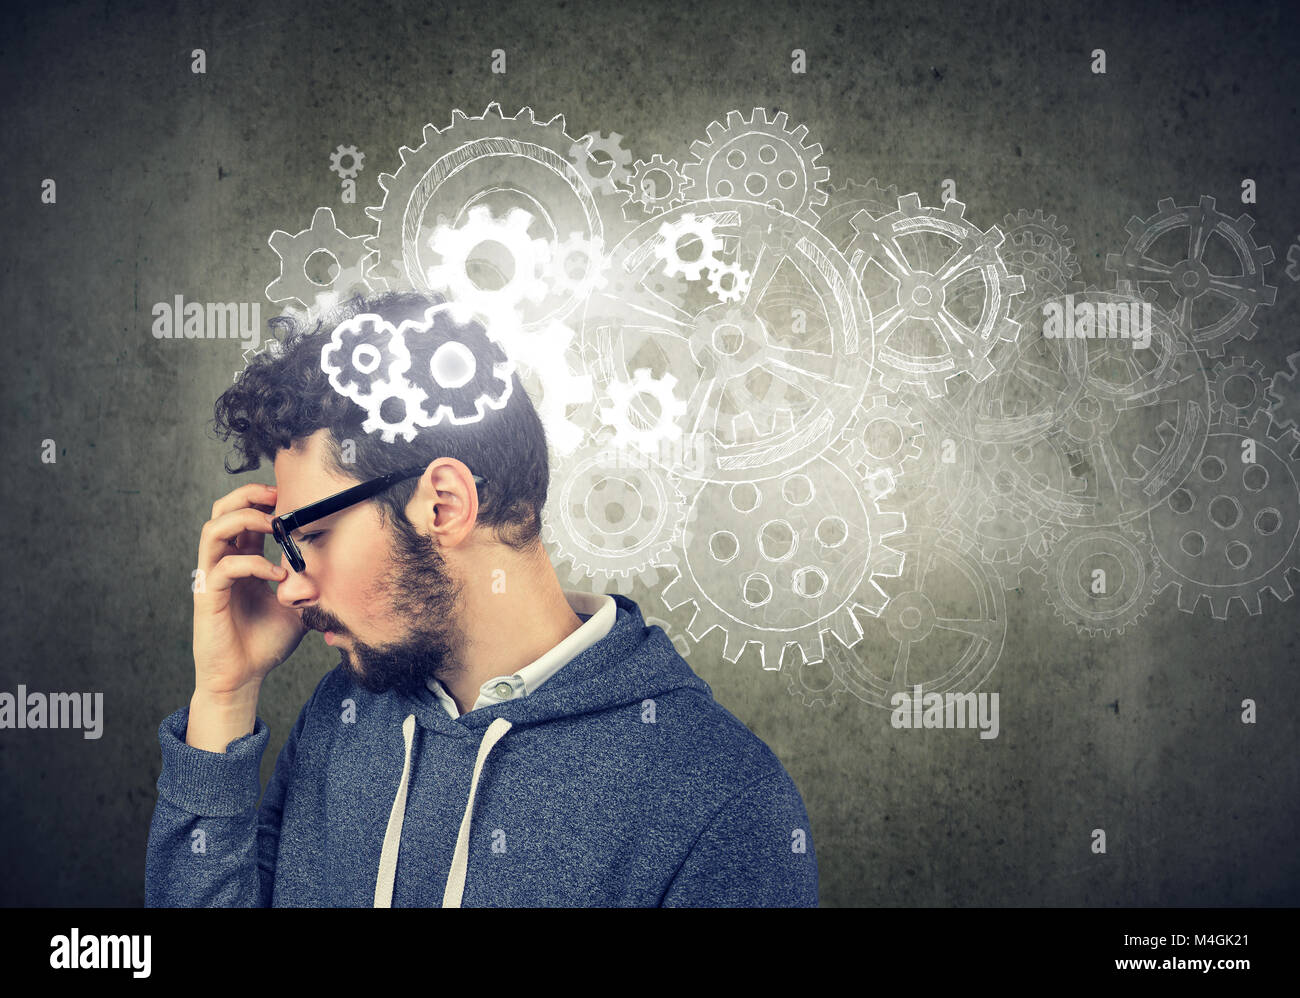 Nachdenklicher junger Mann auf der Suche nach einer Lösung mit Getriebe über seinem Kopf Stockbild